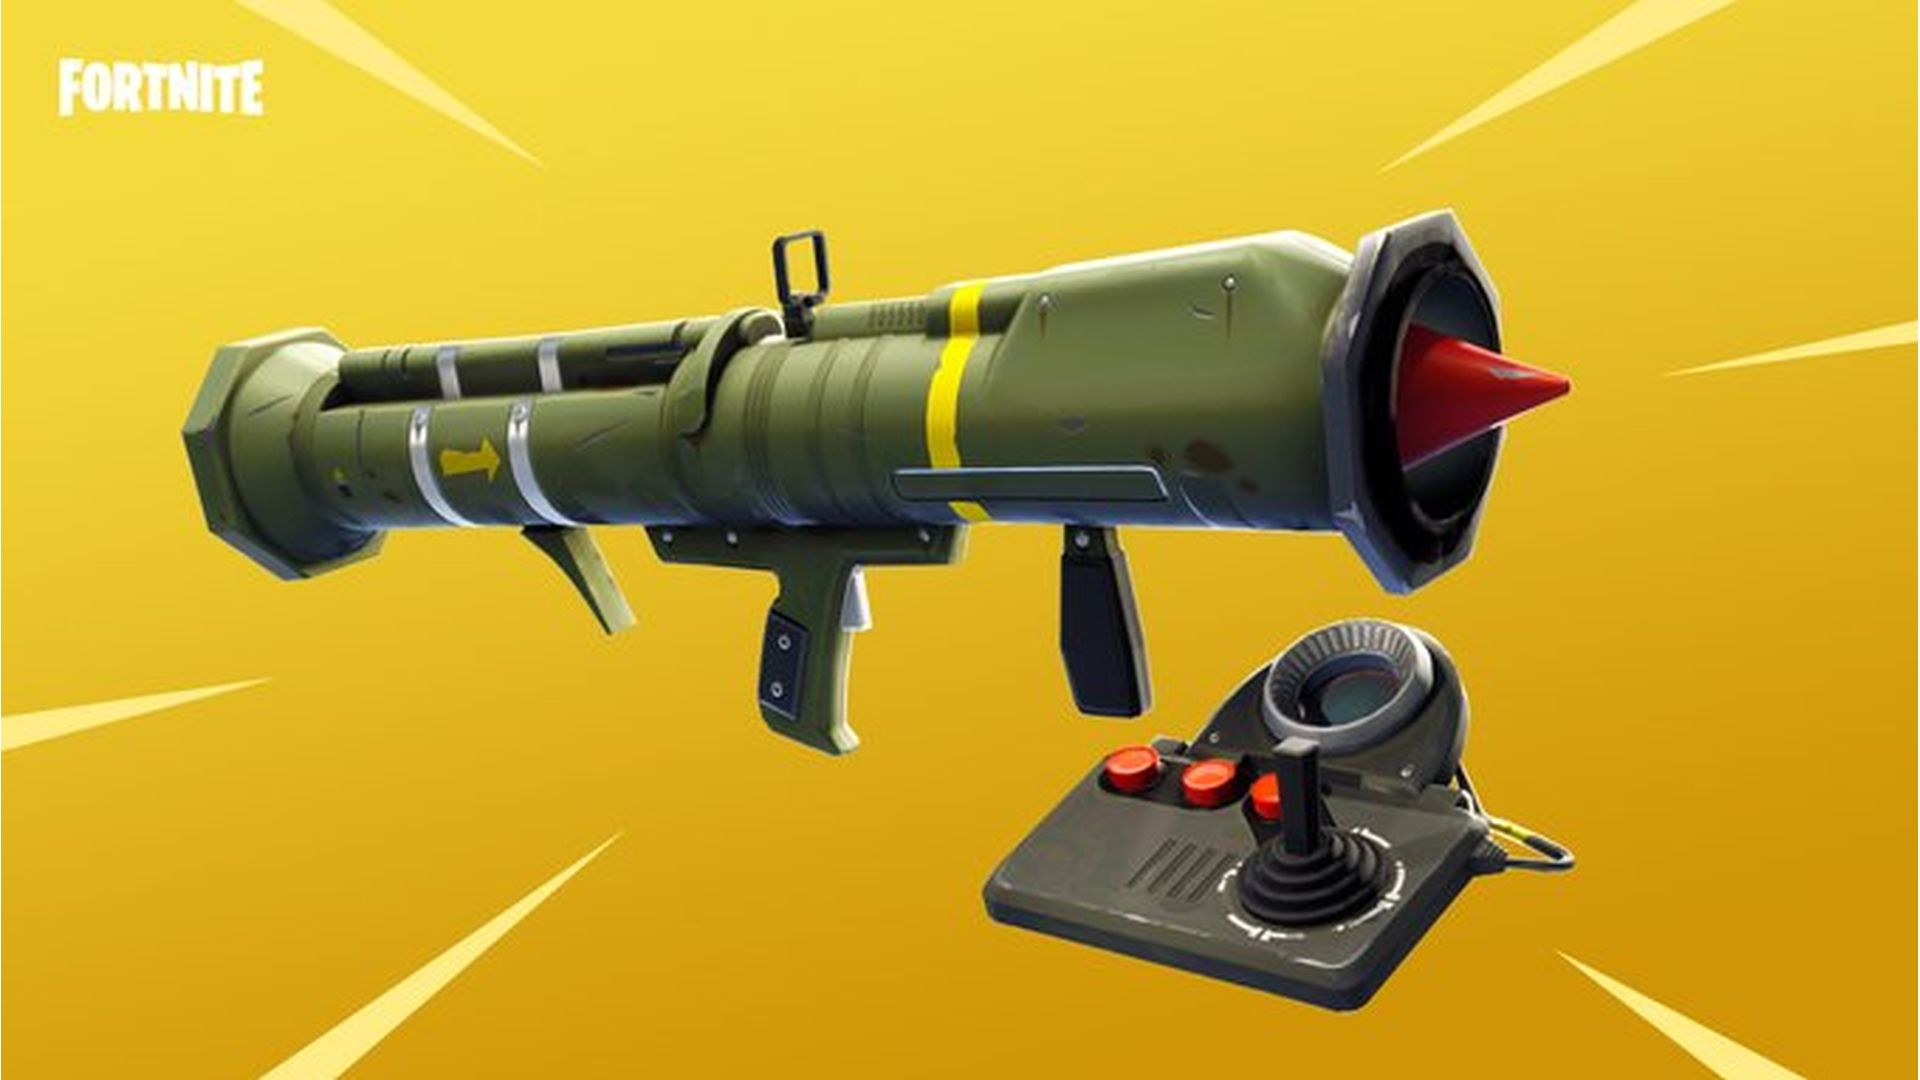 Fortnite Das Ist Die Neue Waffe Die Zielgelenkte Rakete